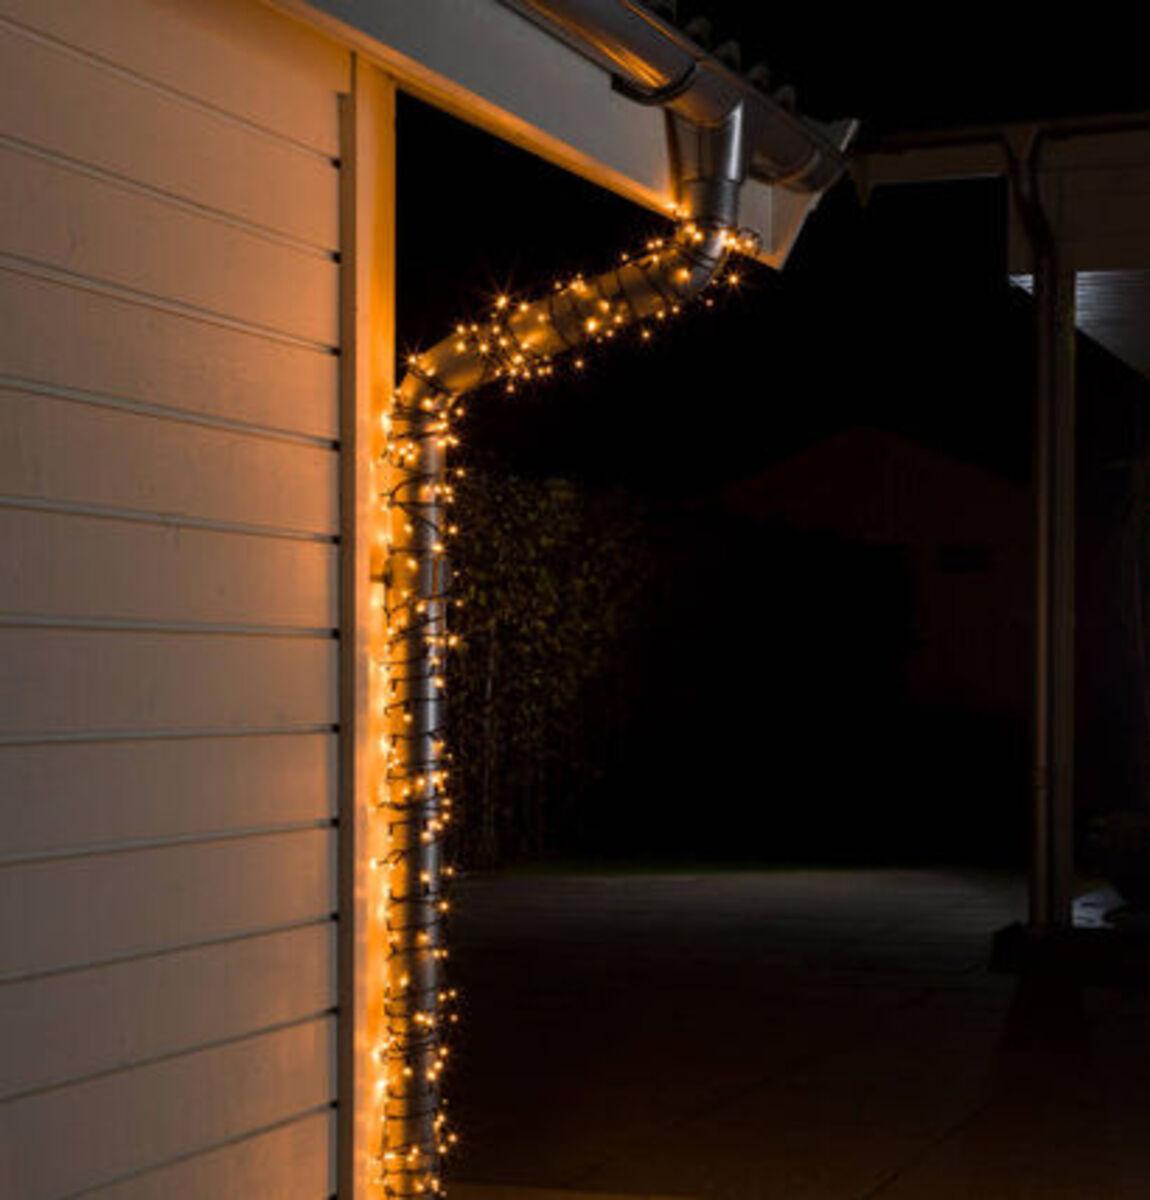 Bild 2 von KONSTSMIDE LED Mircolichterkette, Schwarz